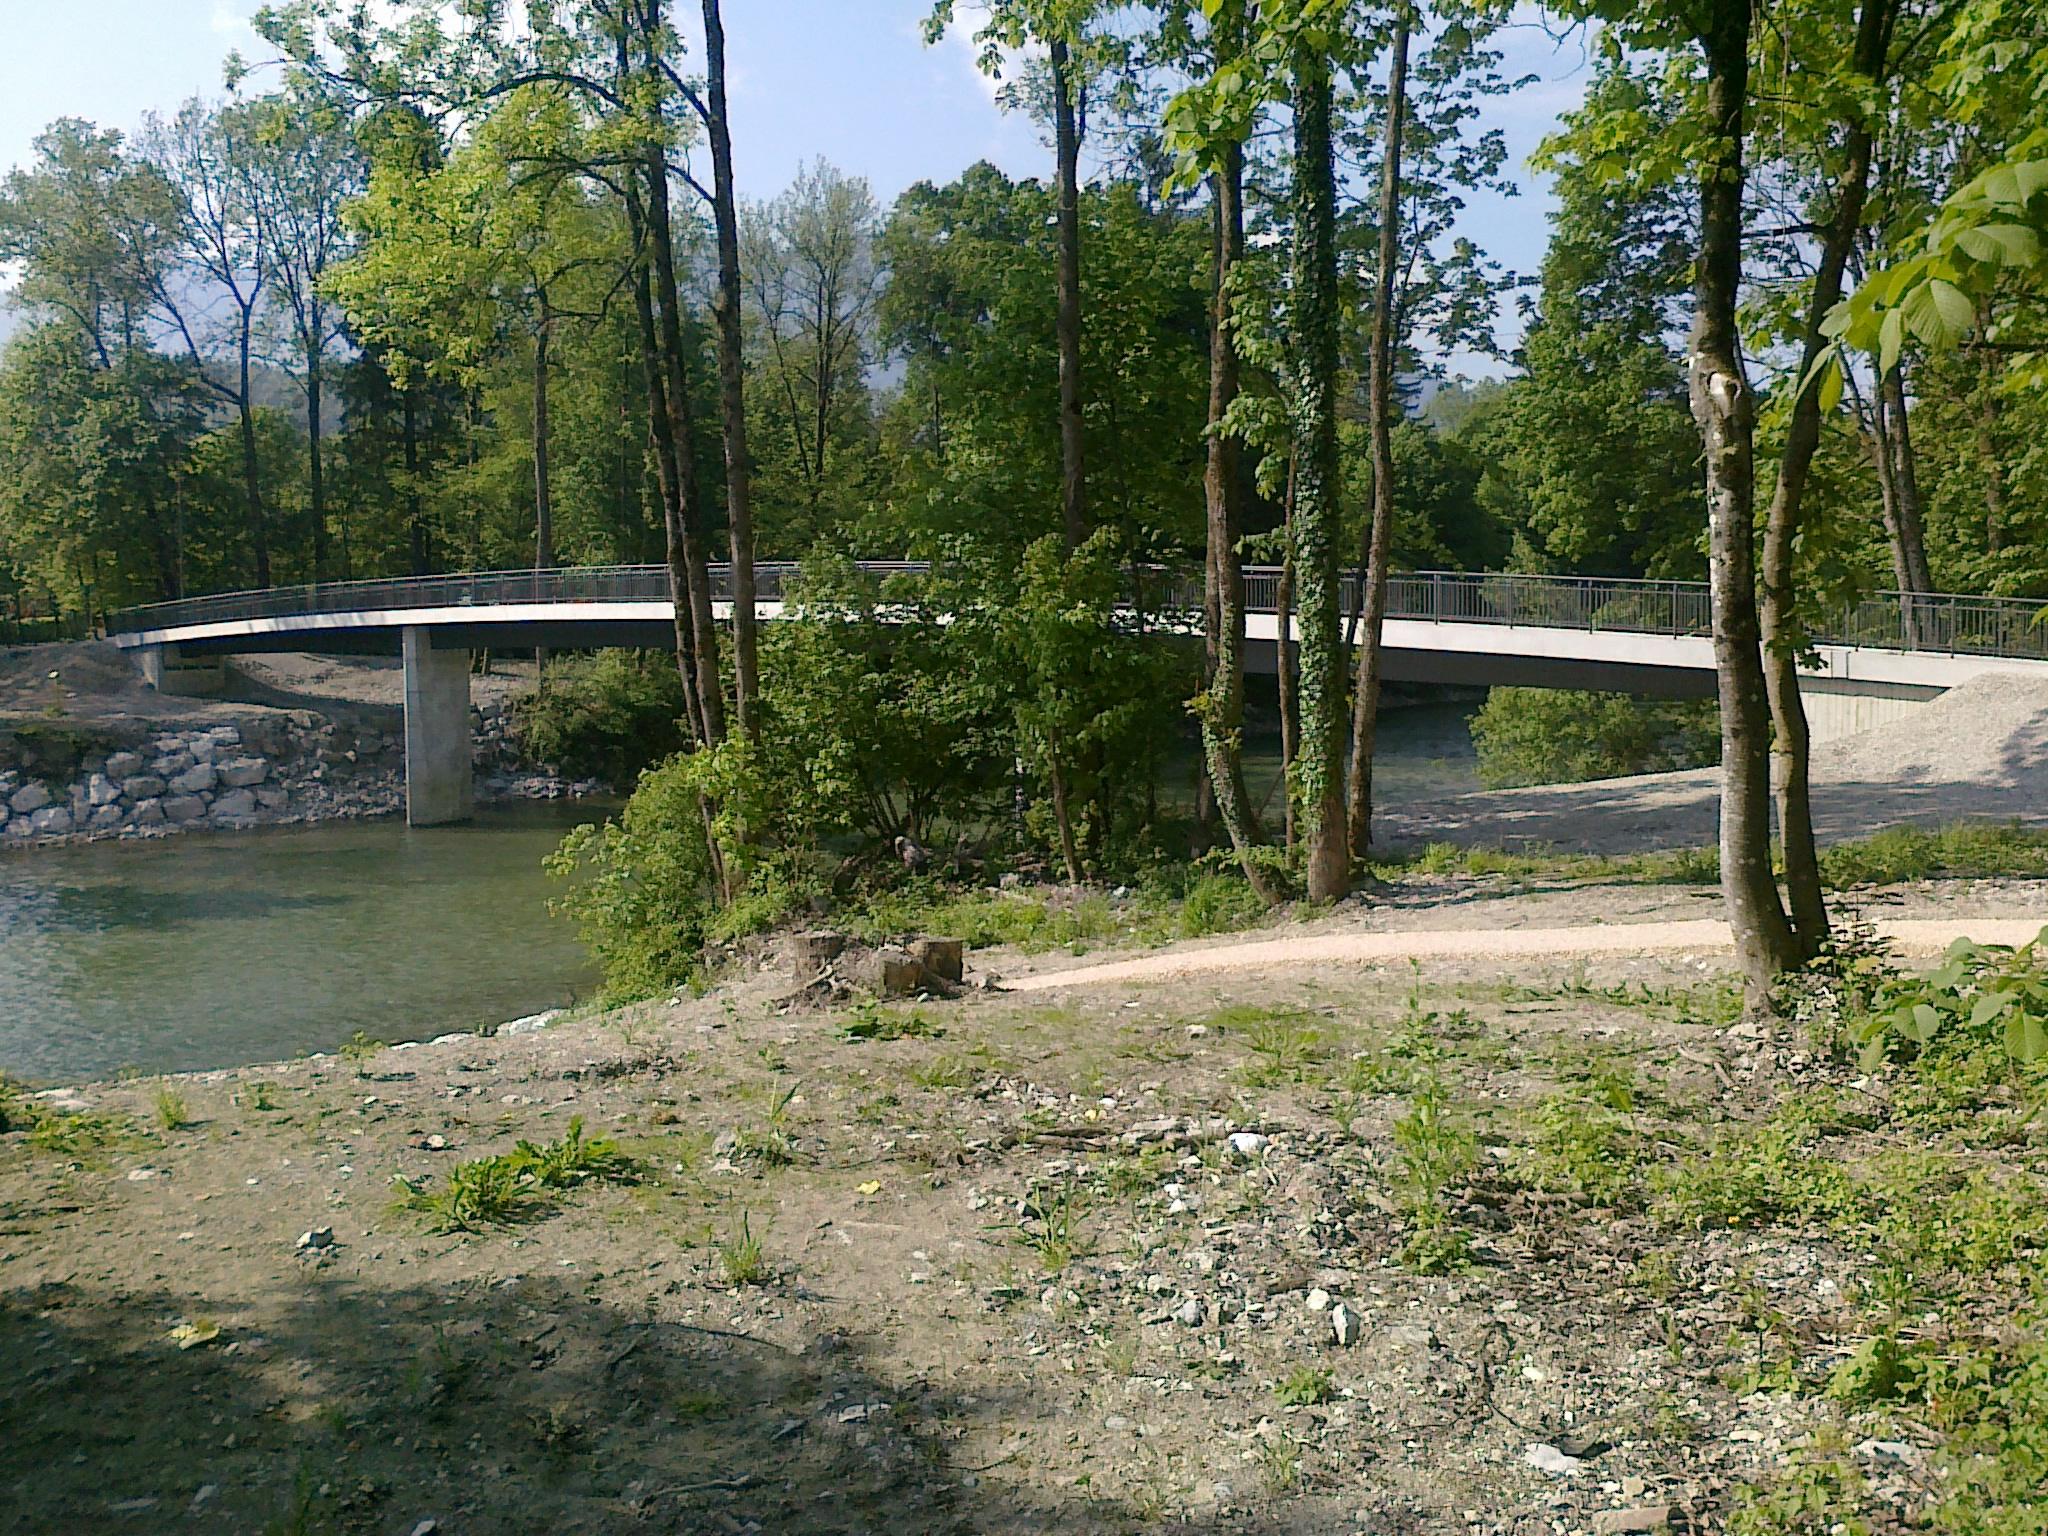 Staufenbrücker Steg